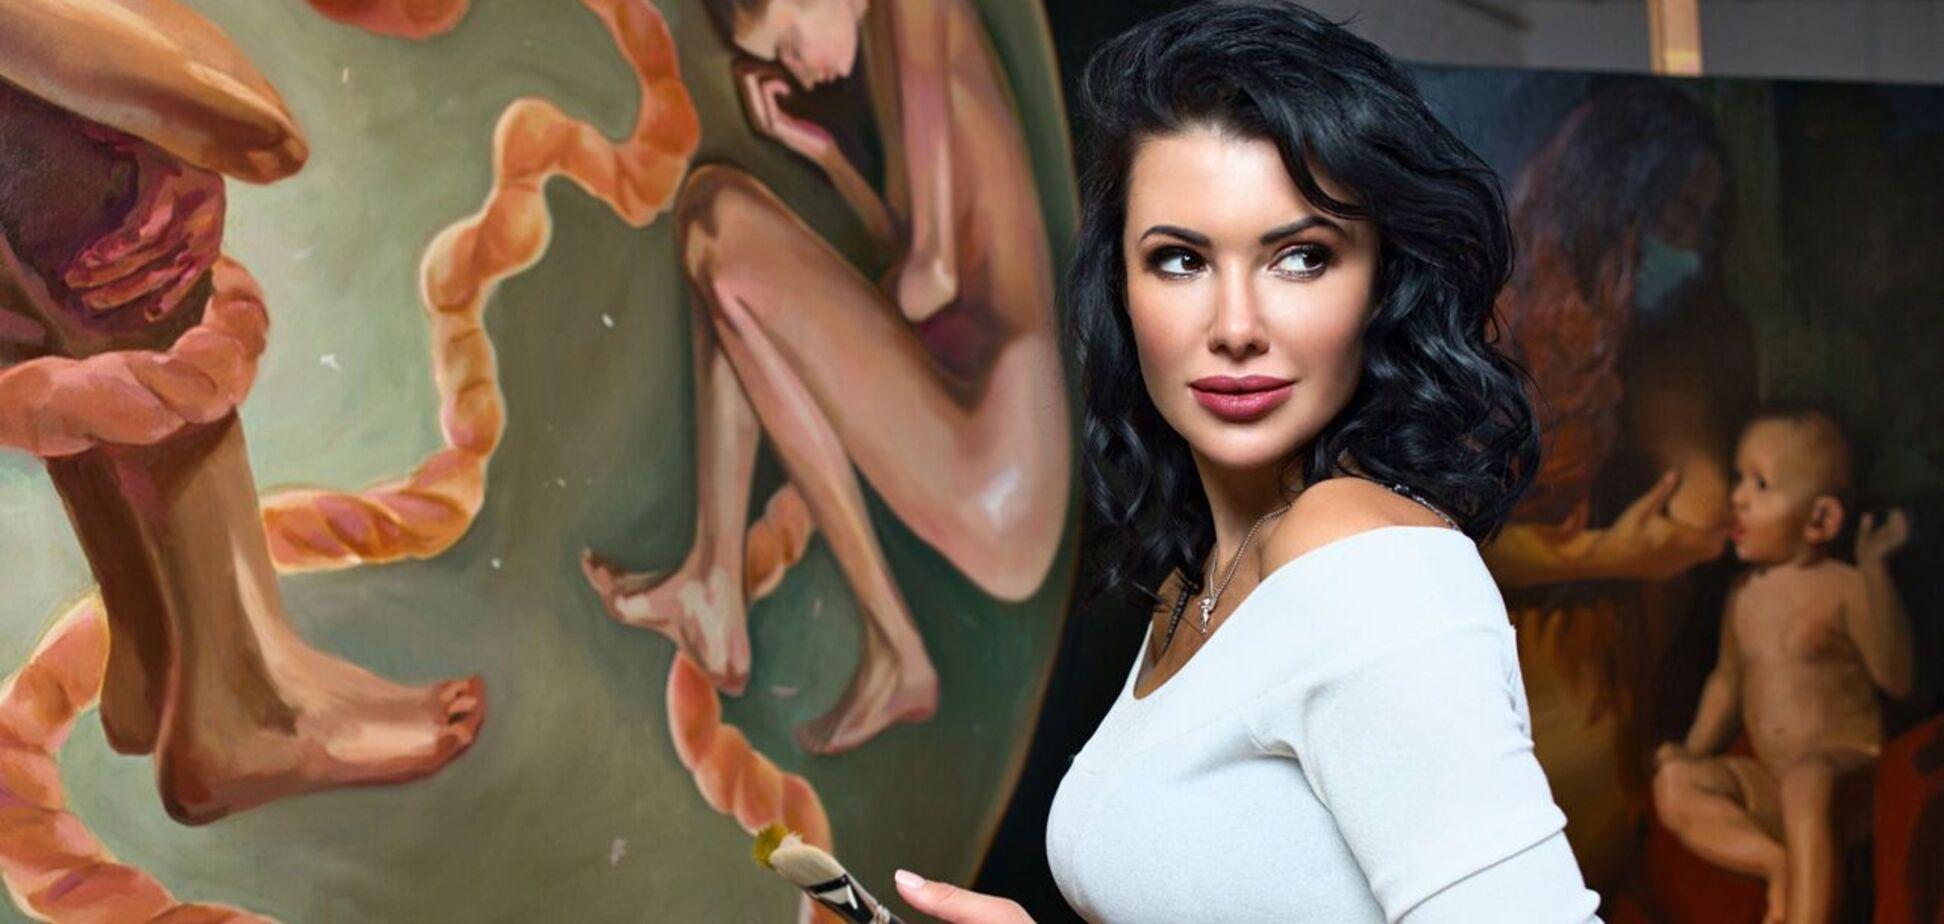 В Киеве пройдет персональная выставка Ирины Онопенко 'Искусство против насилия'